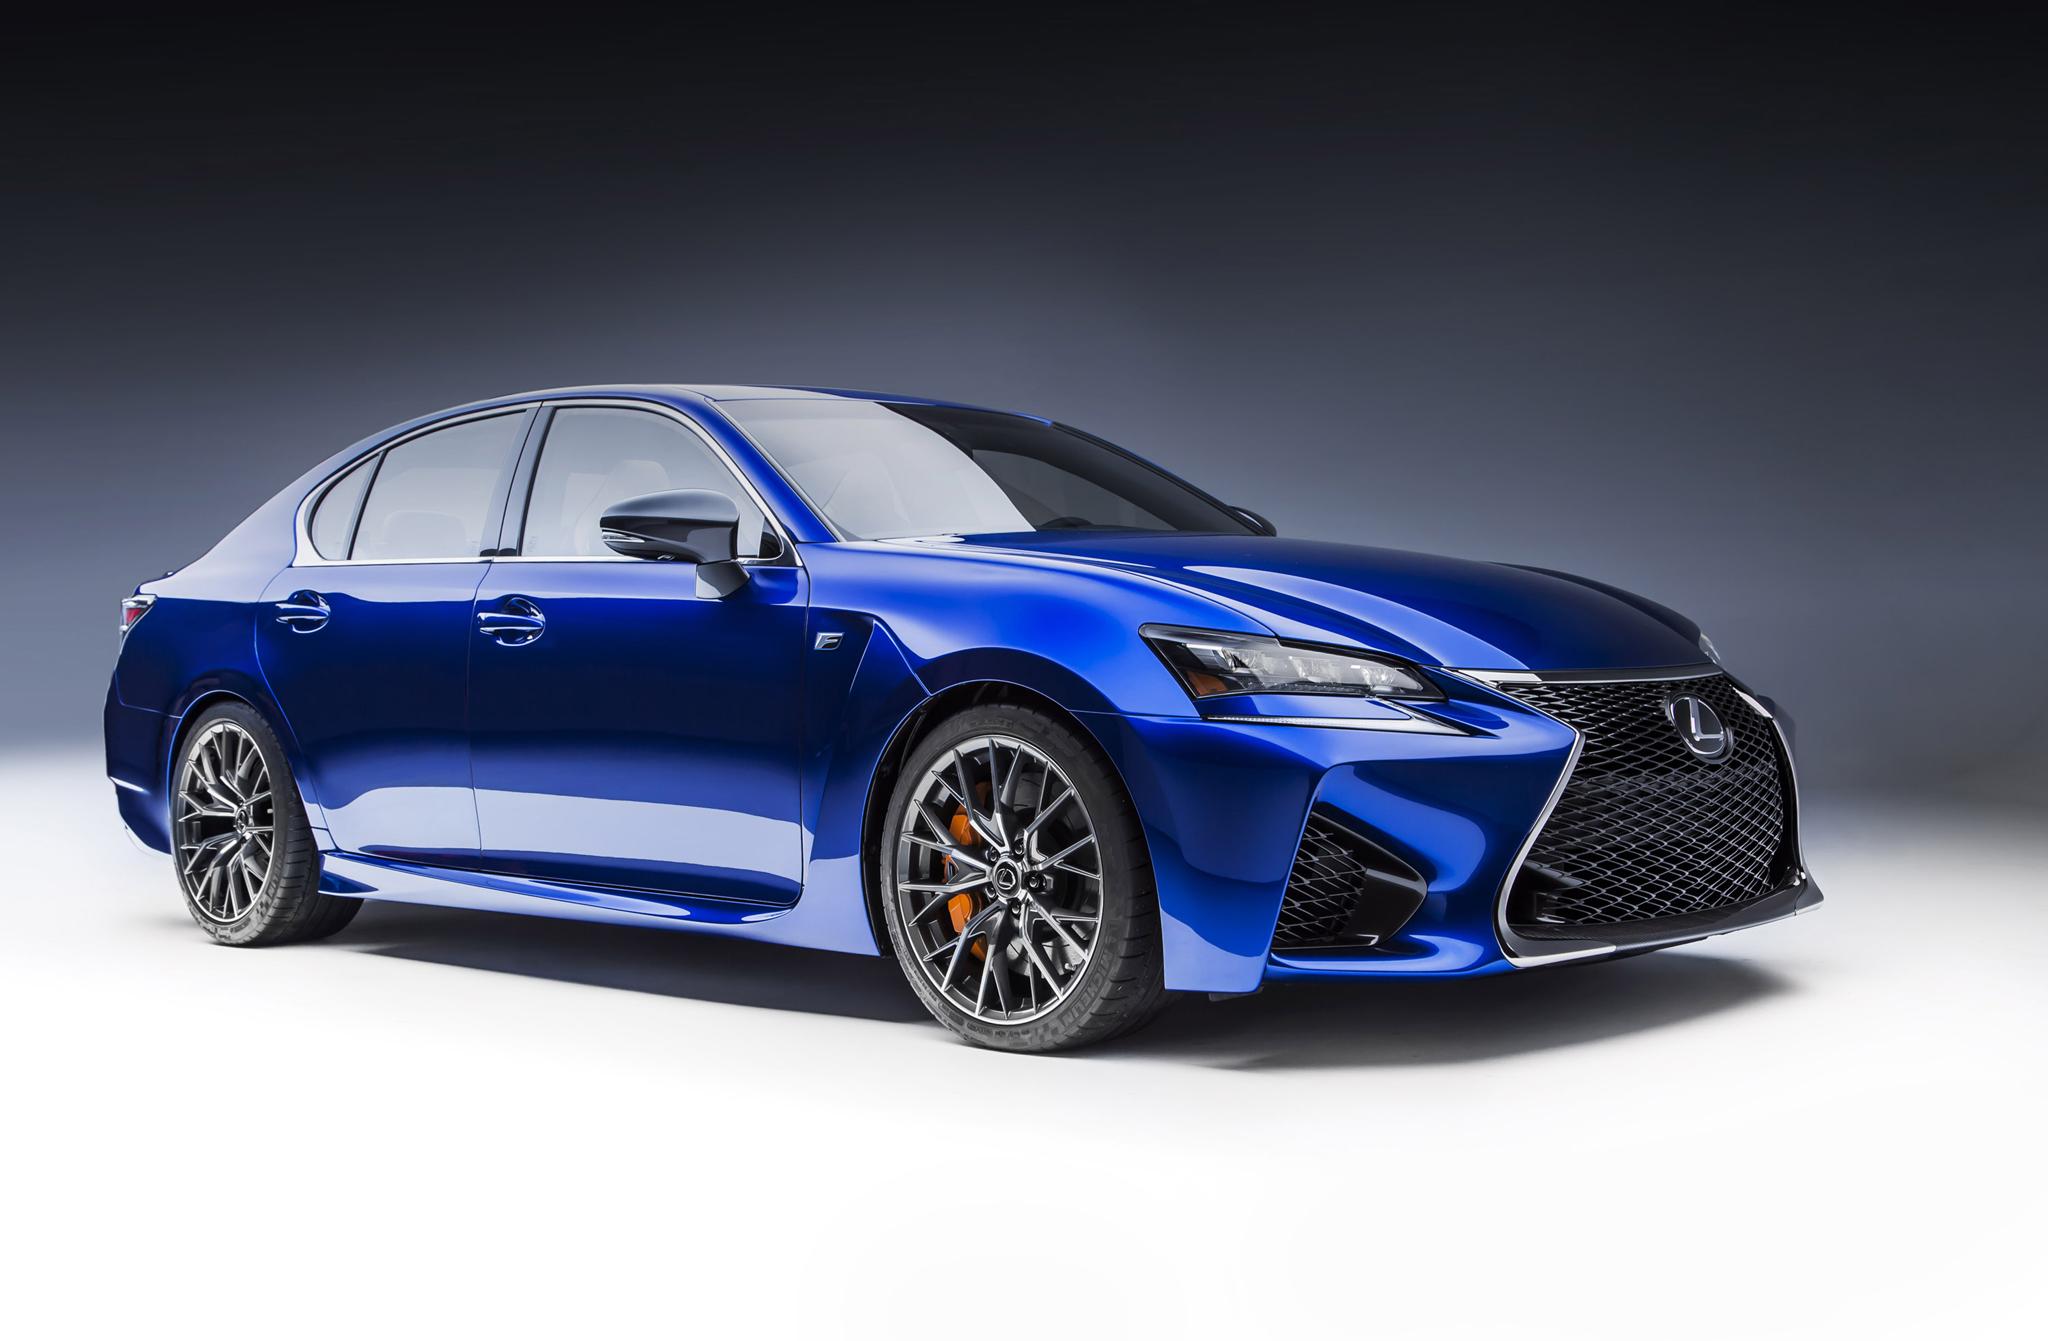 https://www.servoppf.com/wp-content/uploads/2017/09/2016-Lexus-GS-F.jpg